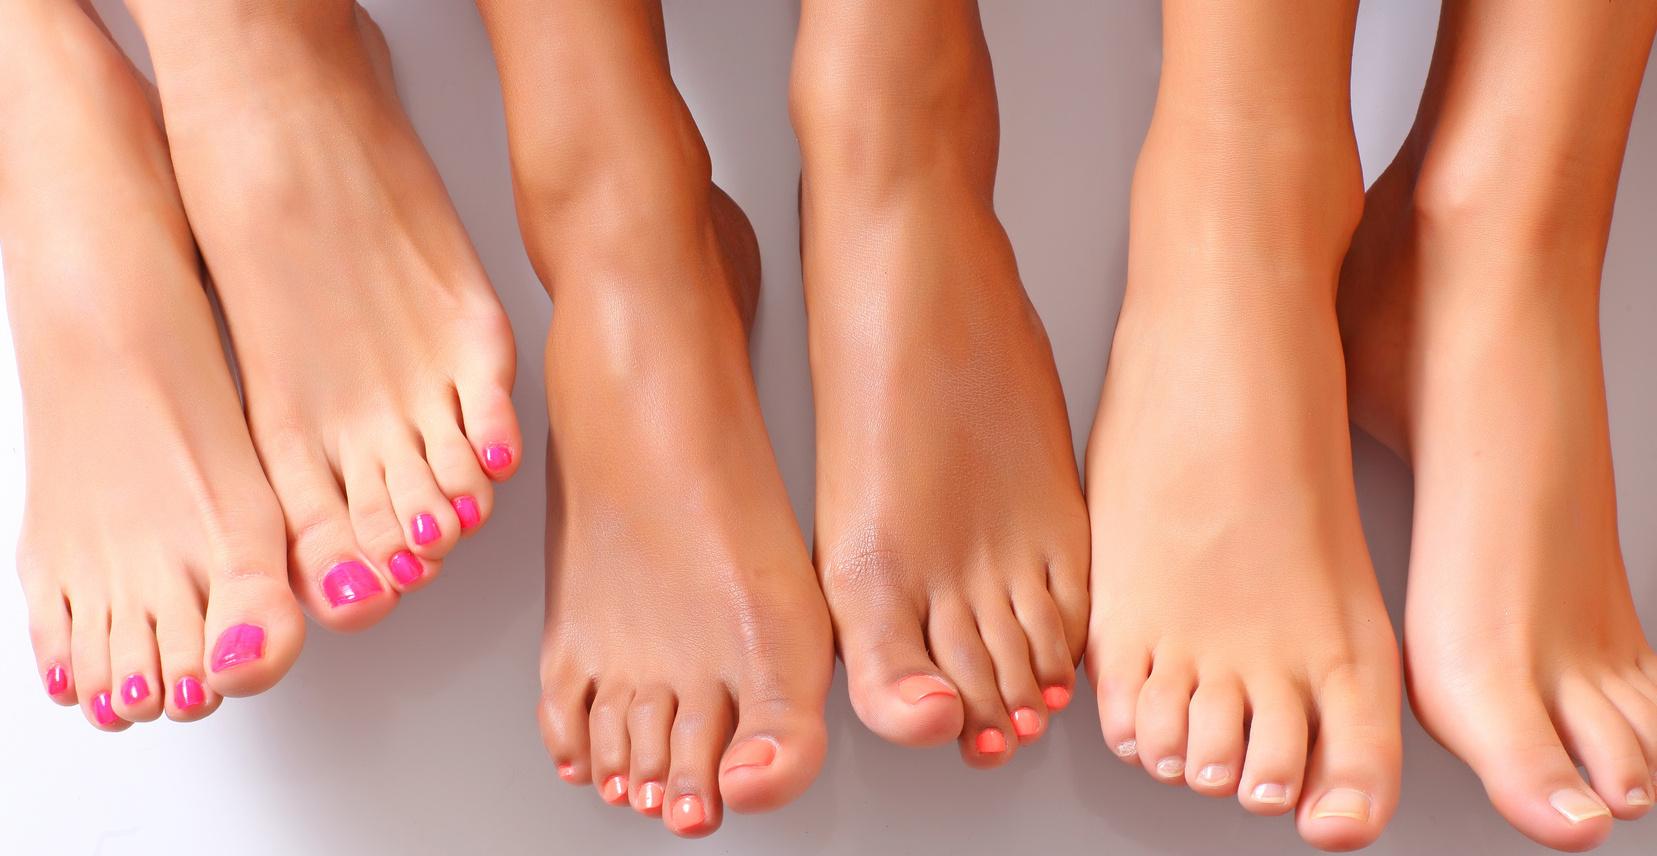 Μύκητες στα νύχια: Οι έξι κανόνες για να μην κολλήσετε ποτέ